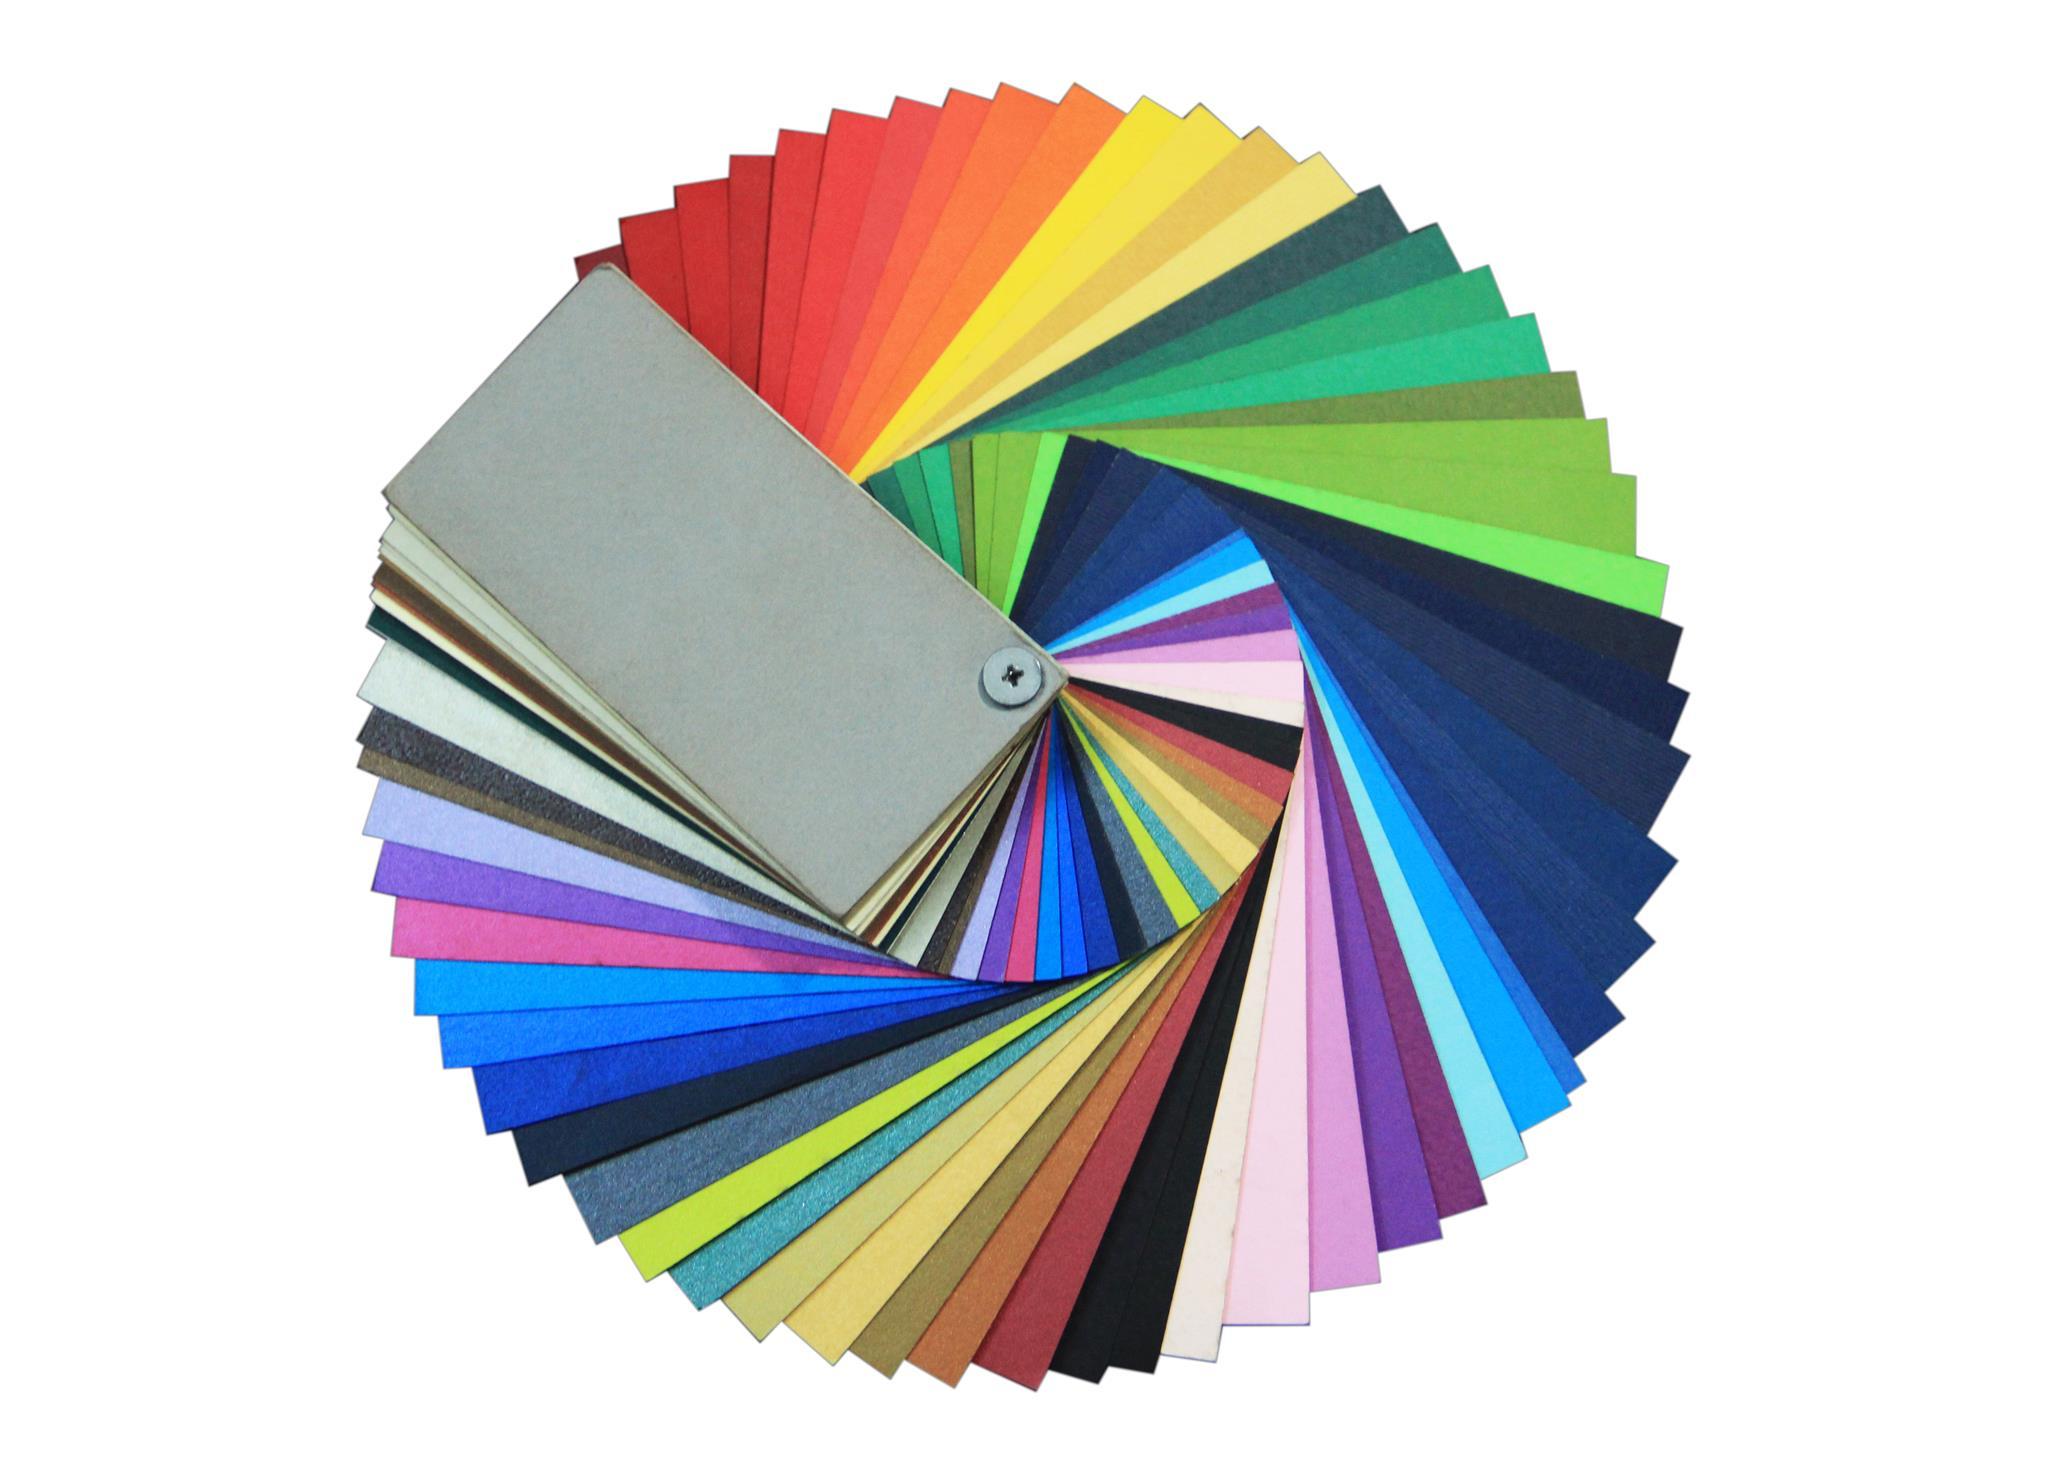 kirigami paper